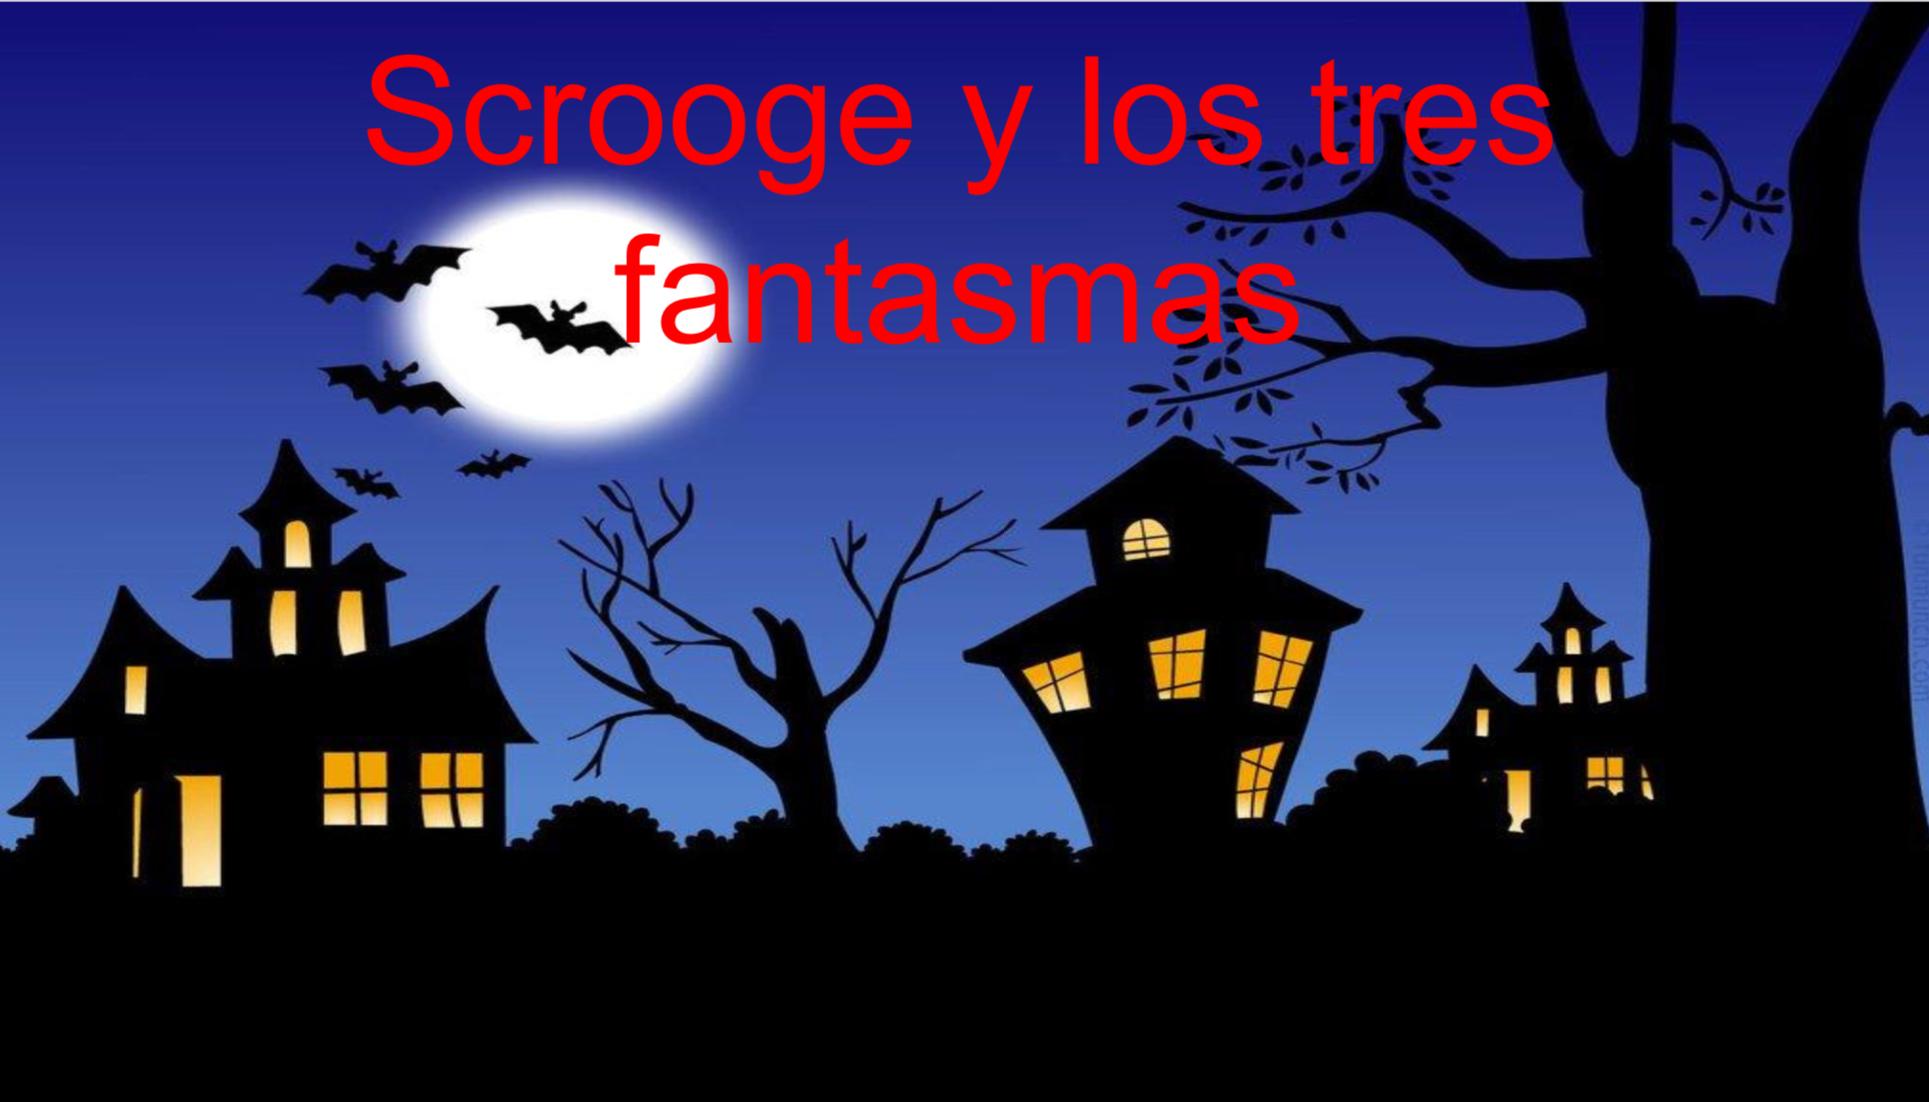 Representación Scrooge y los tres fantasmas 4 de junio a las 19:30